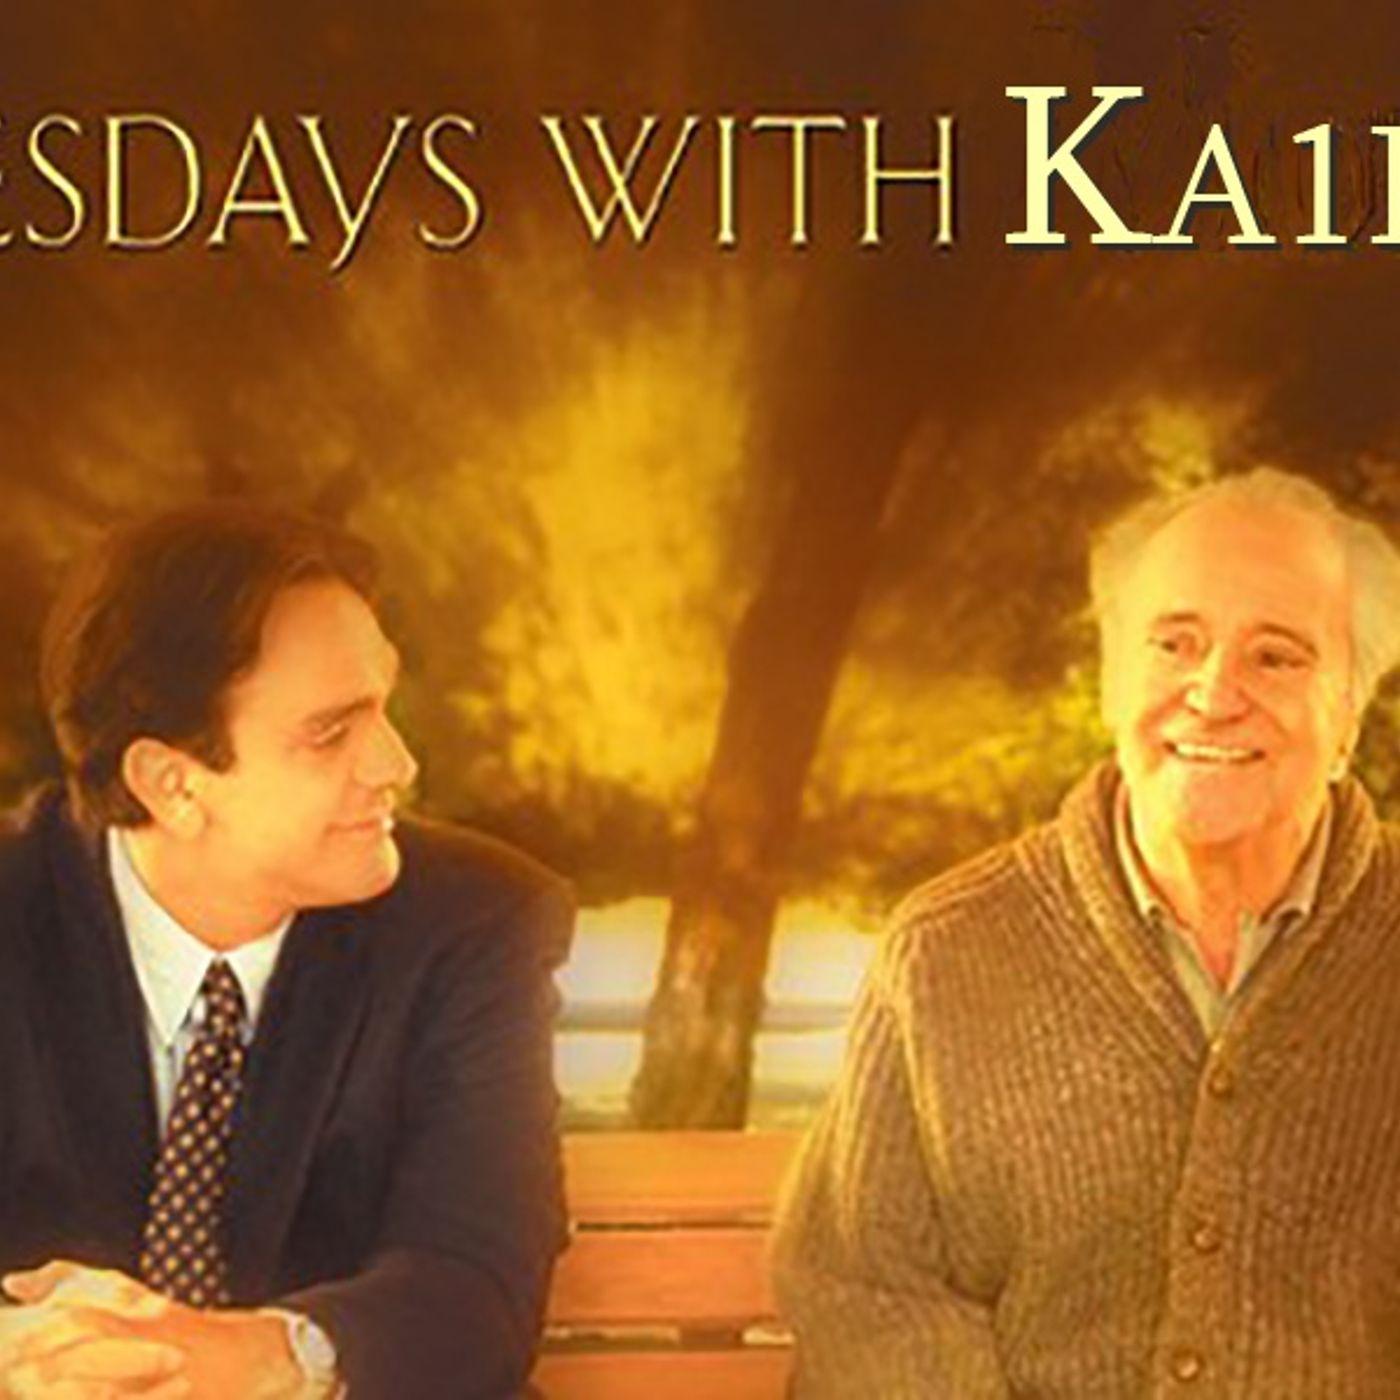 410: Tuesdays With Ka1iban